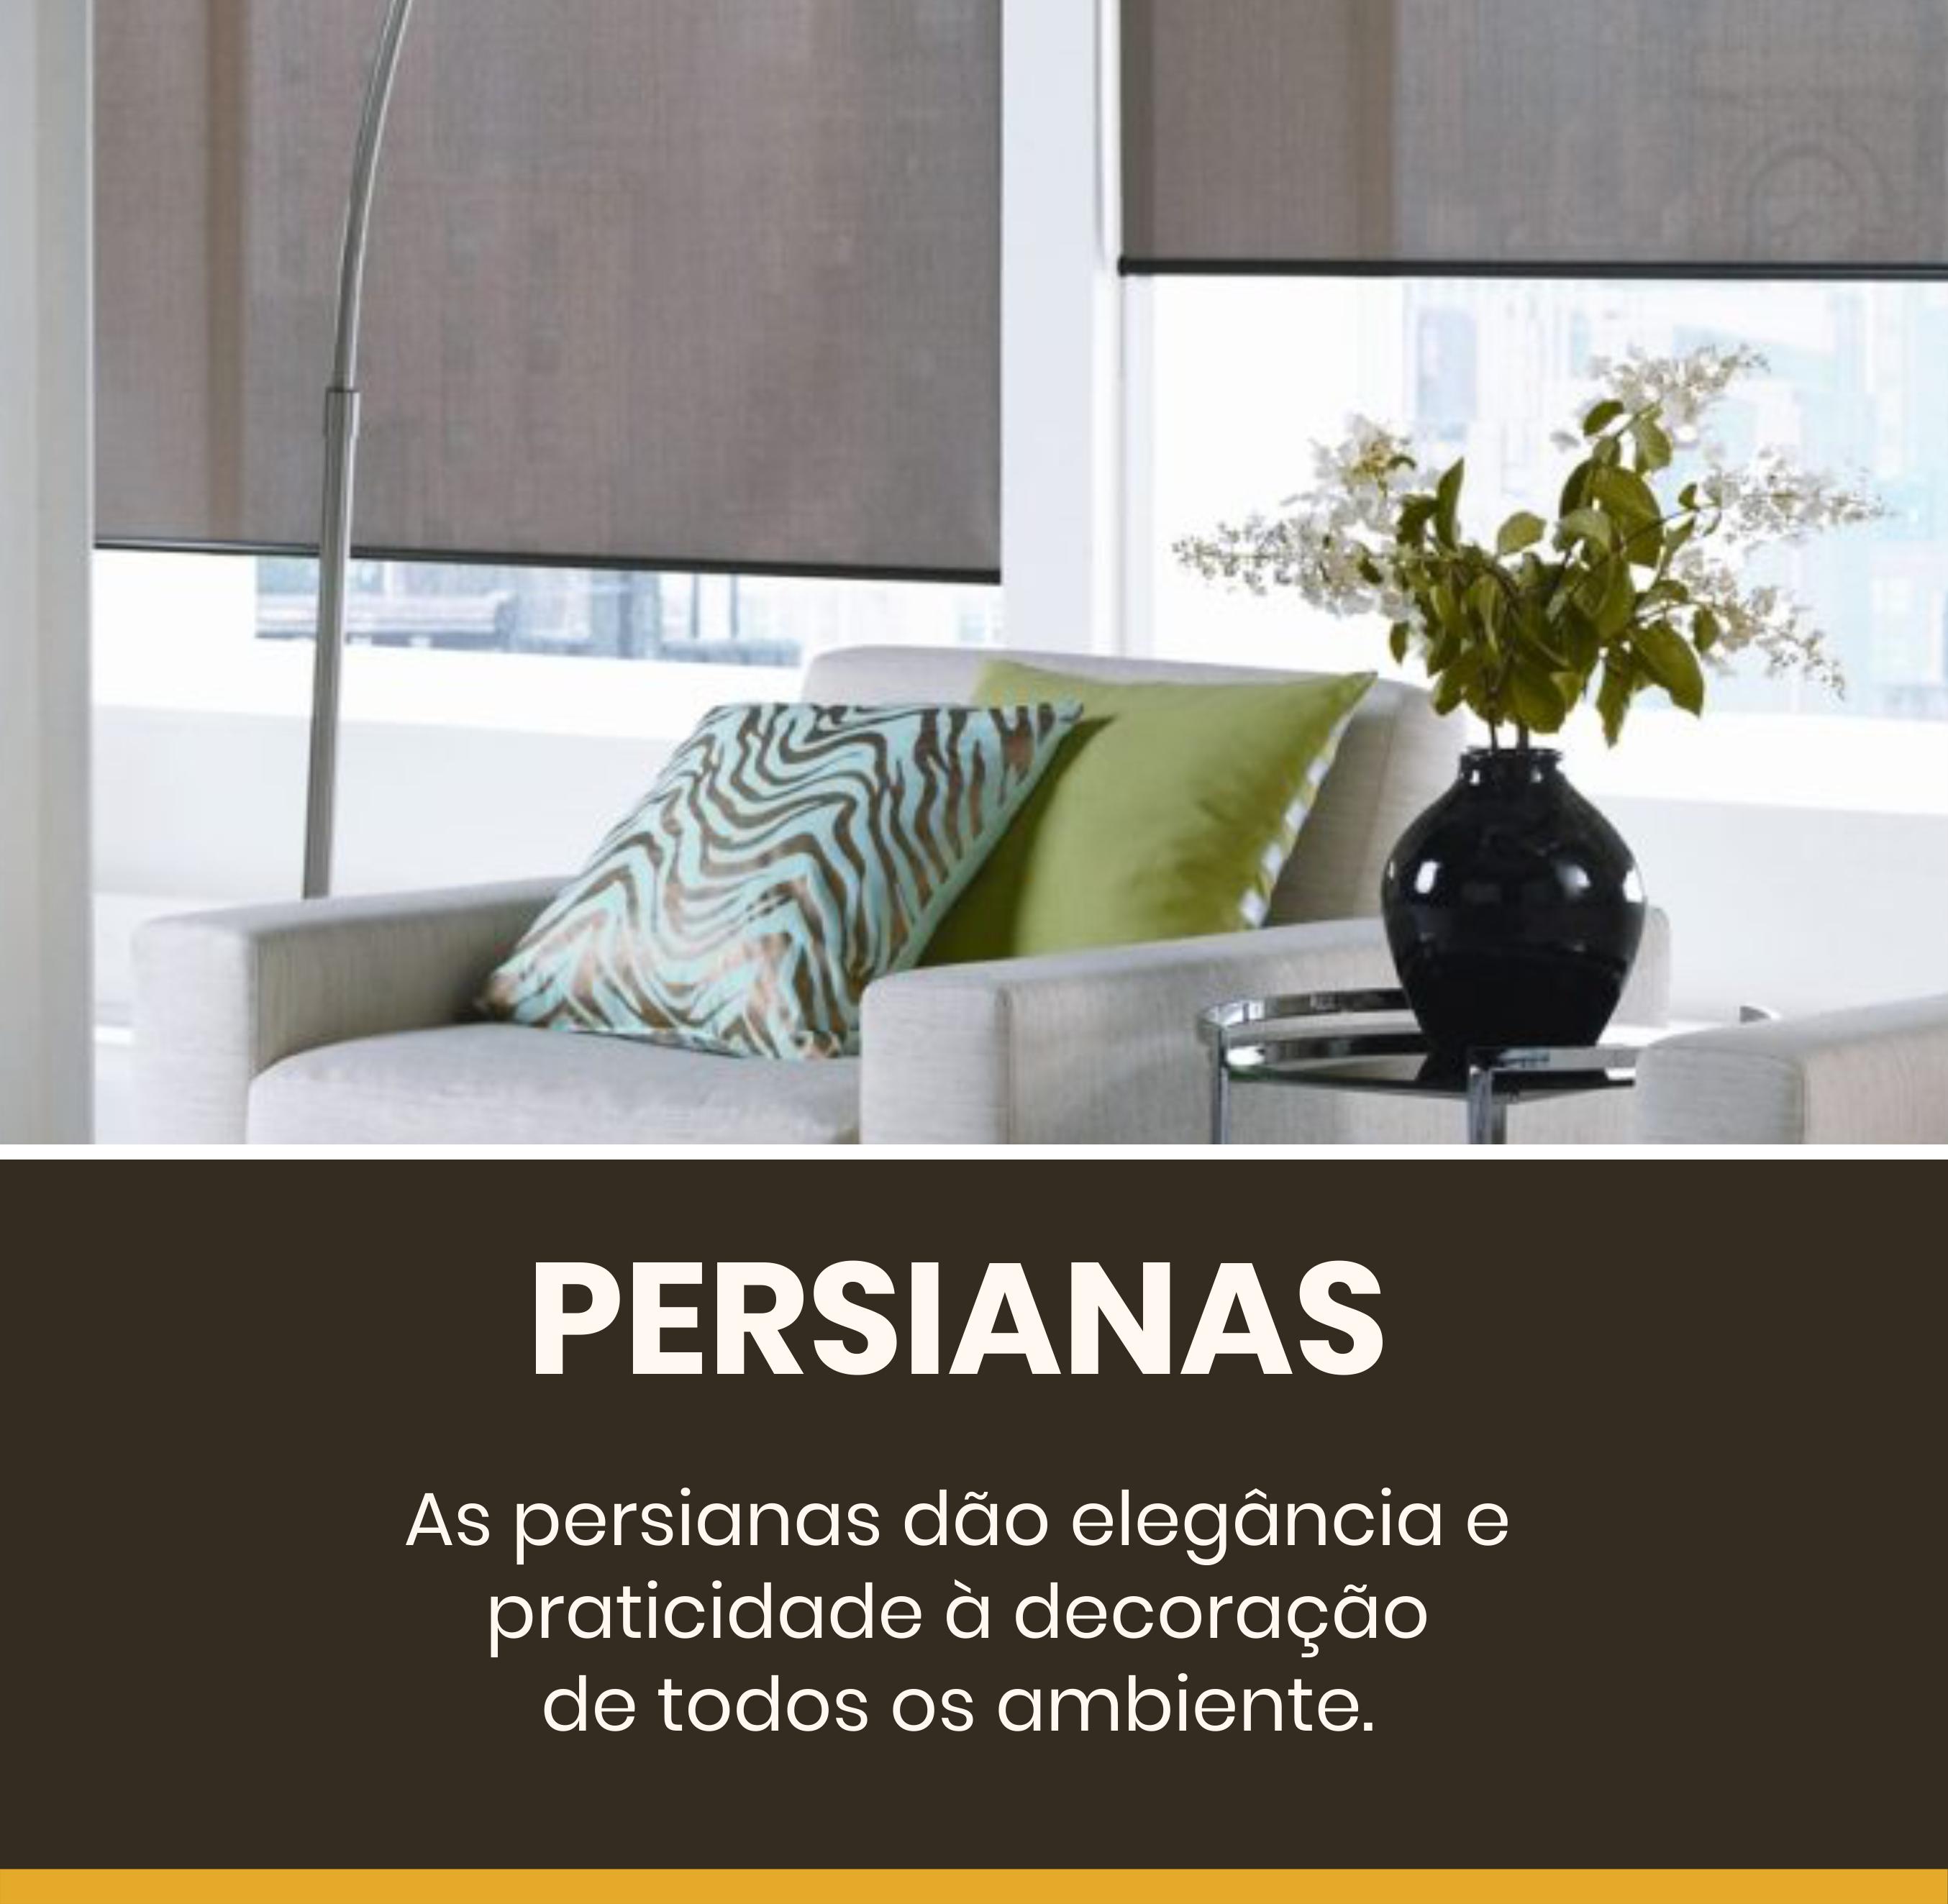 persianas2